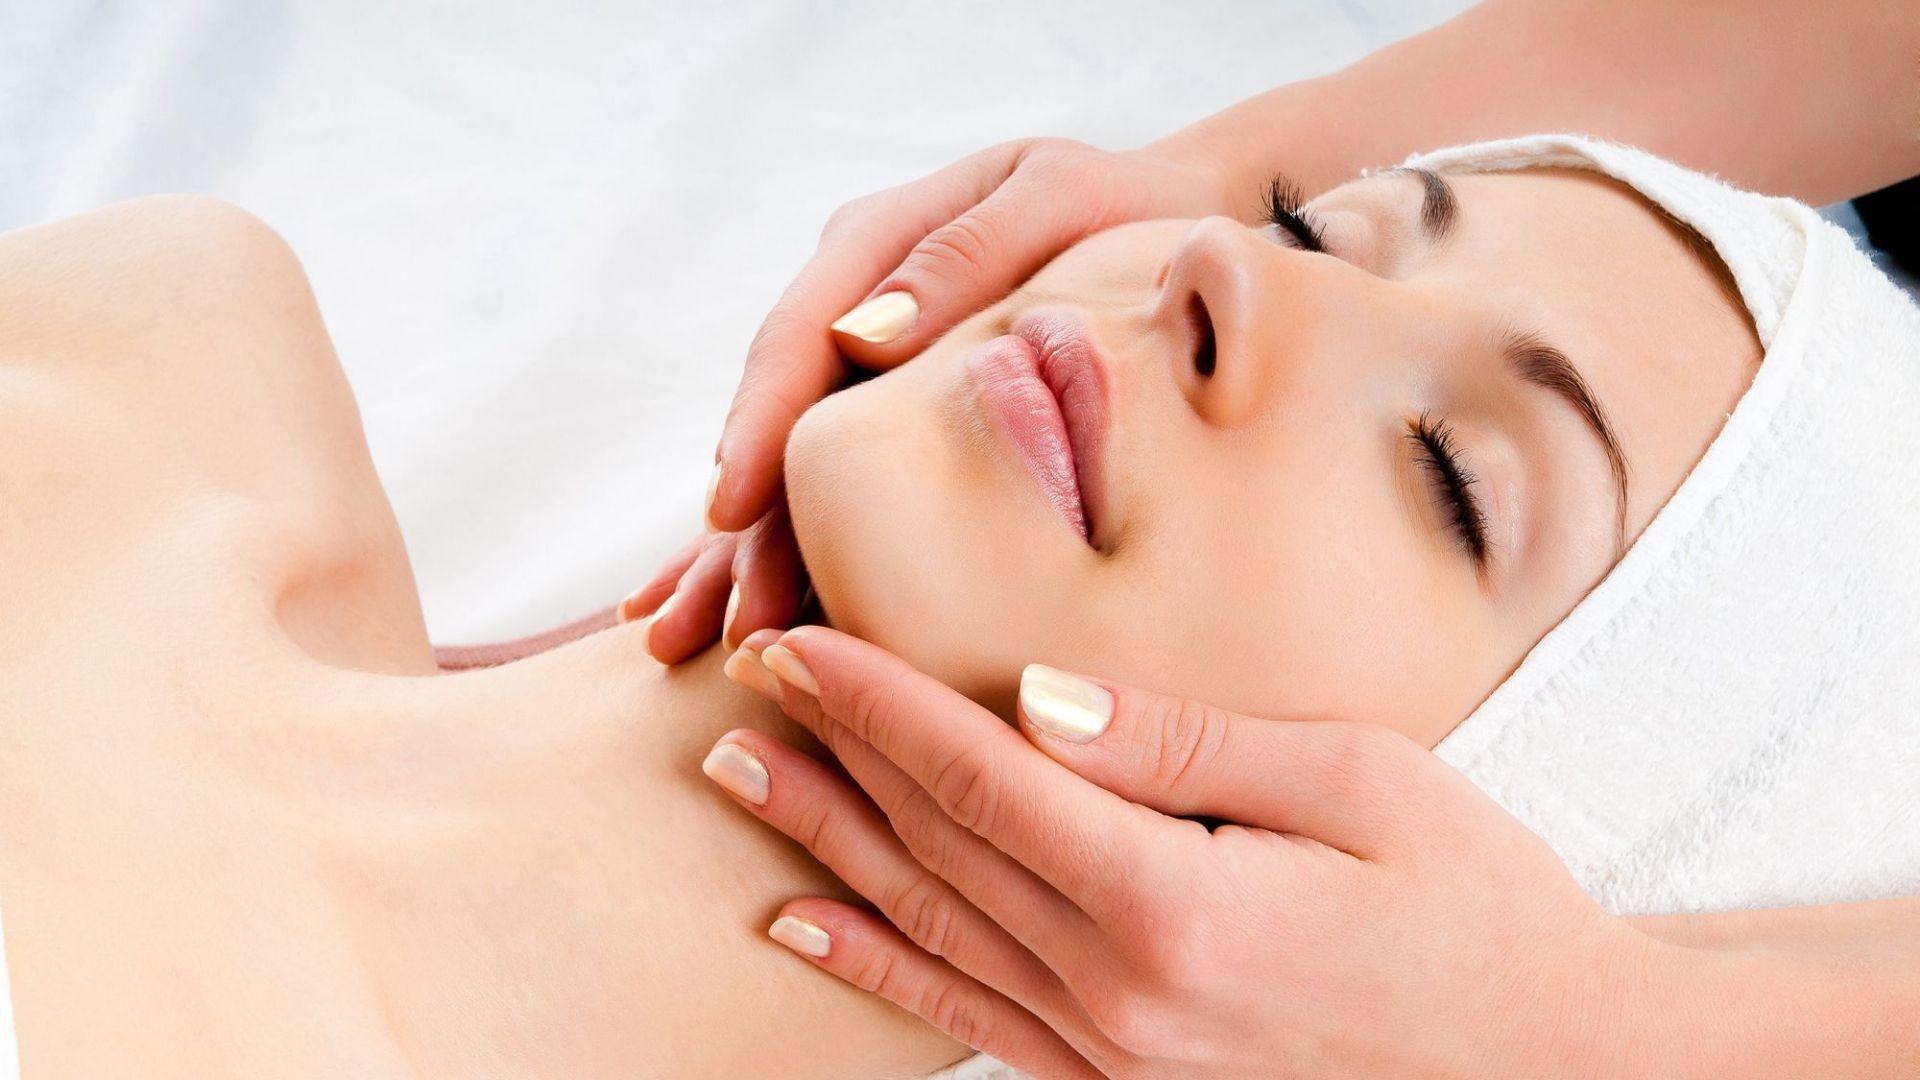 000 centro de belleza estética masaje facial mujer